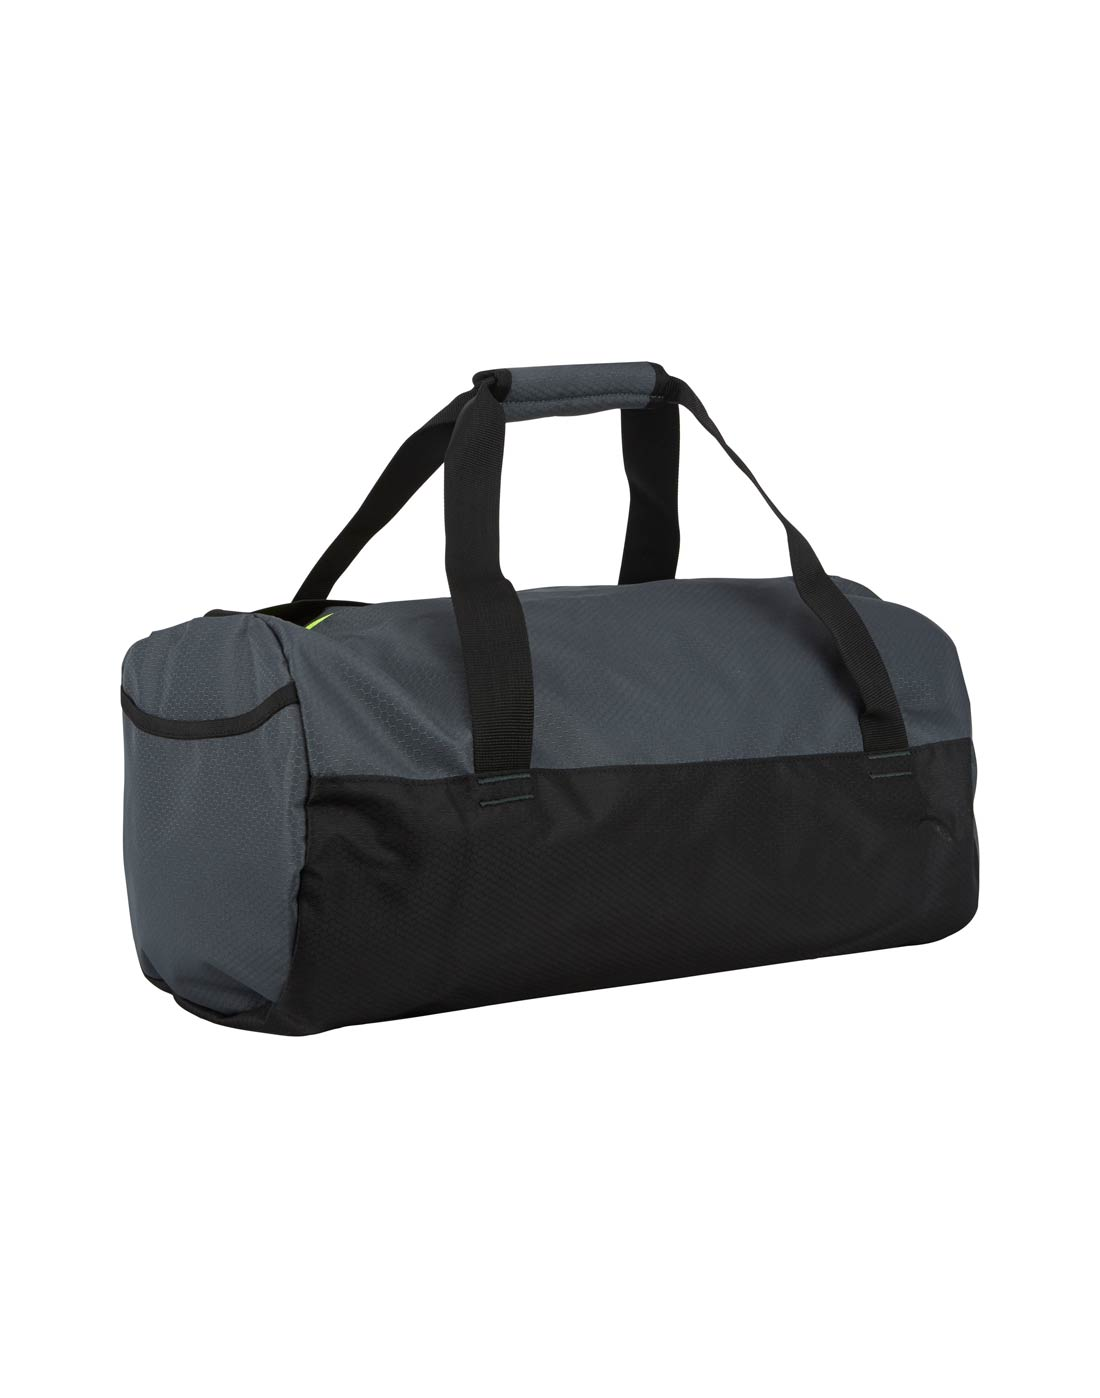 Speedo Duffel Bag · Speedo Duffel Bag 908d87a87087c